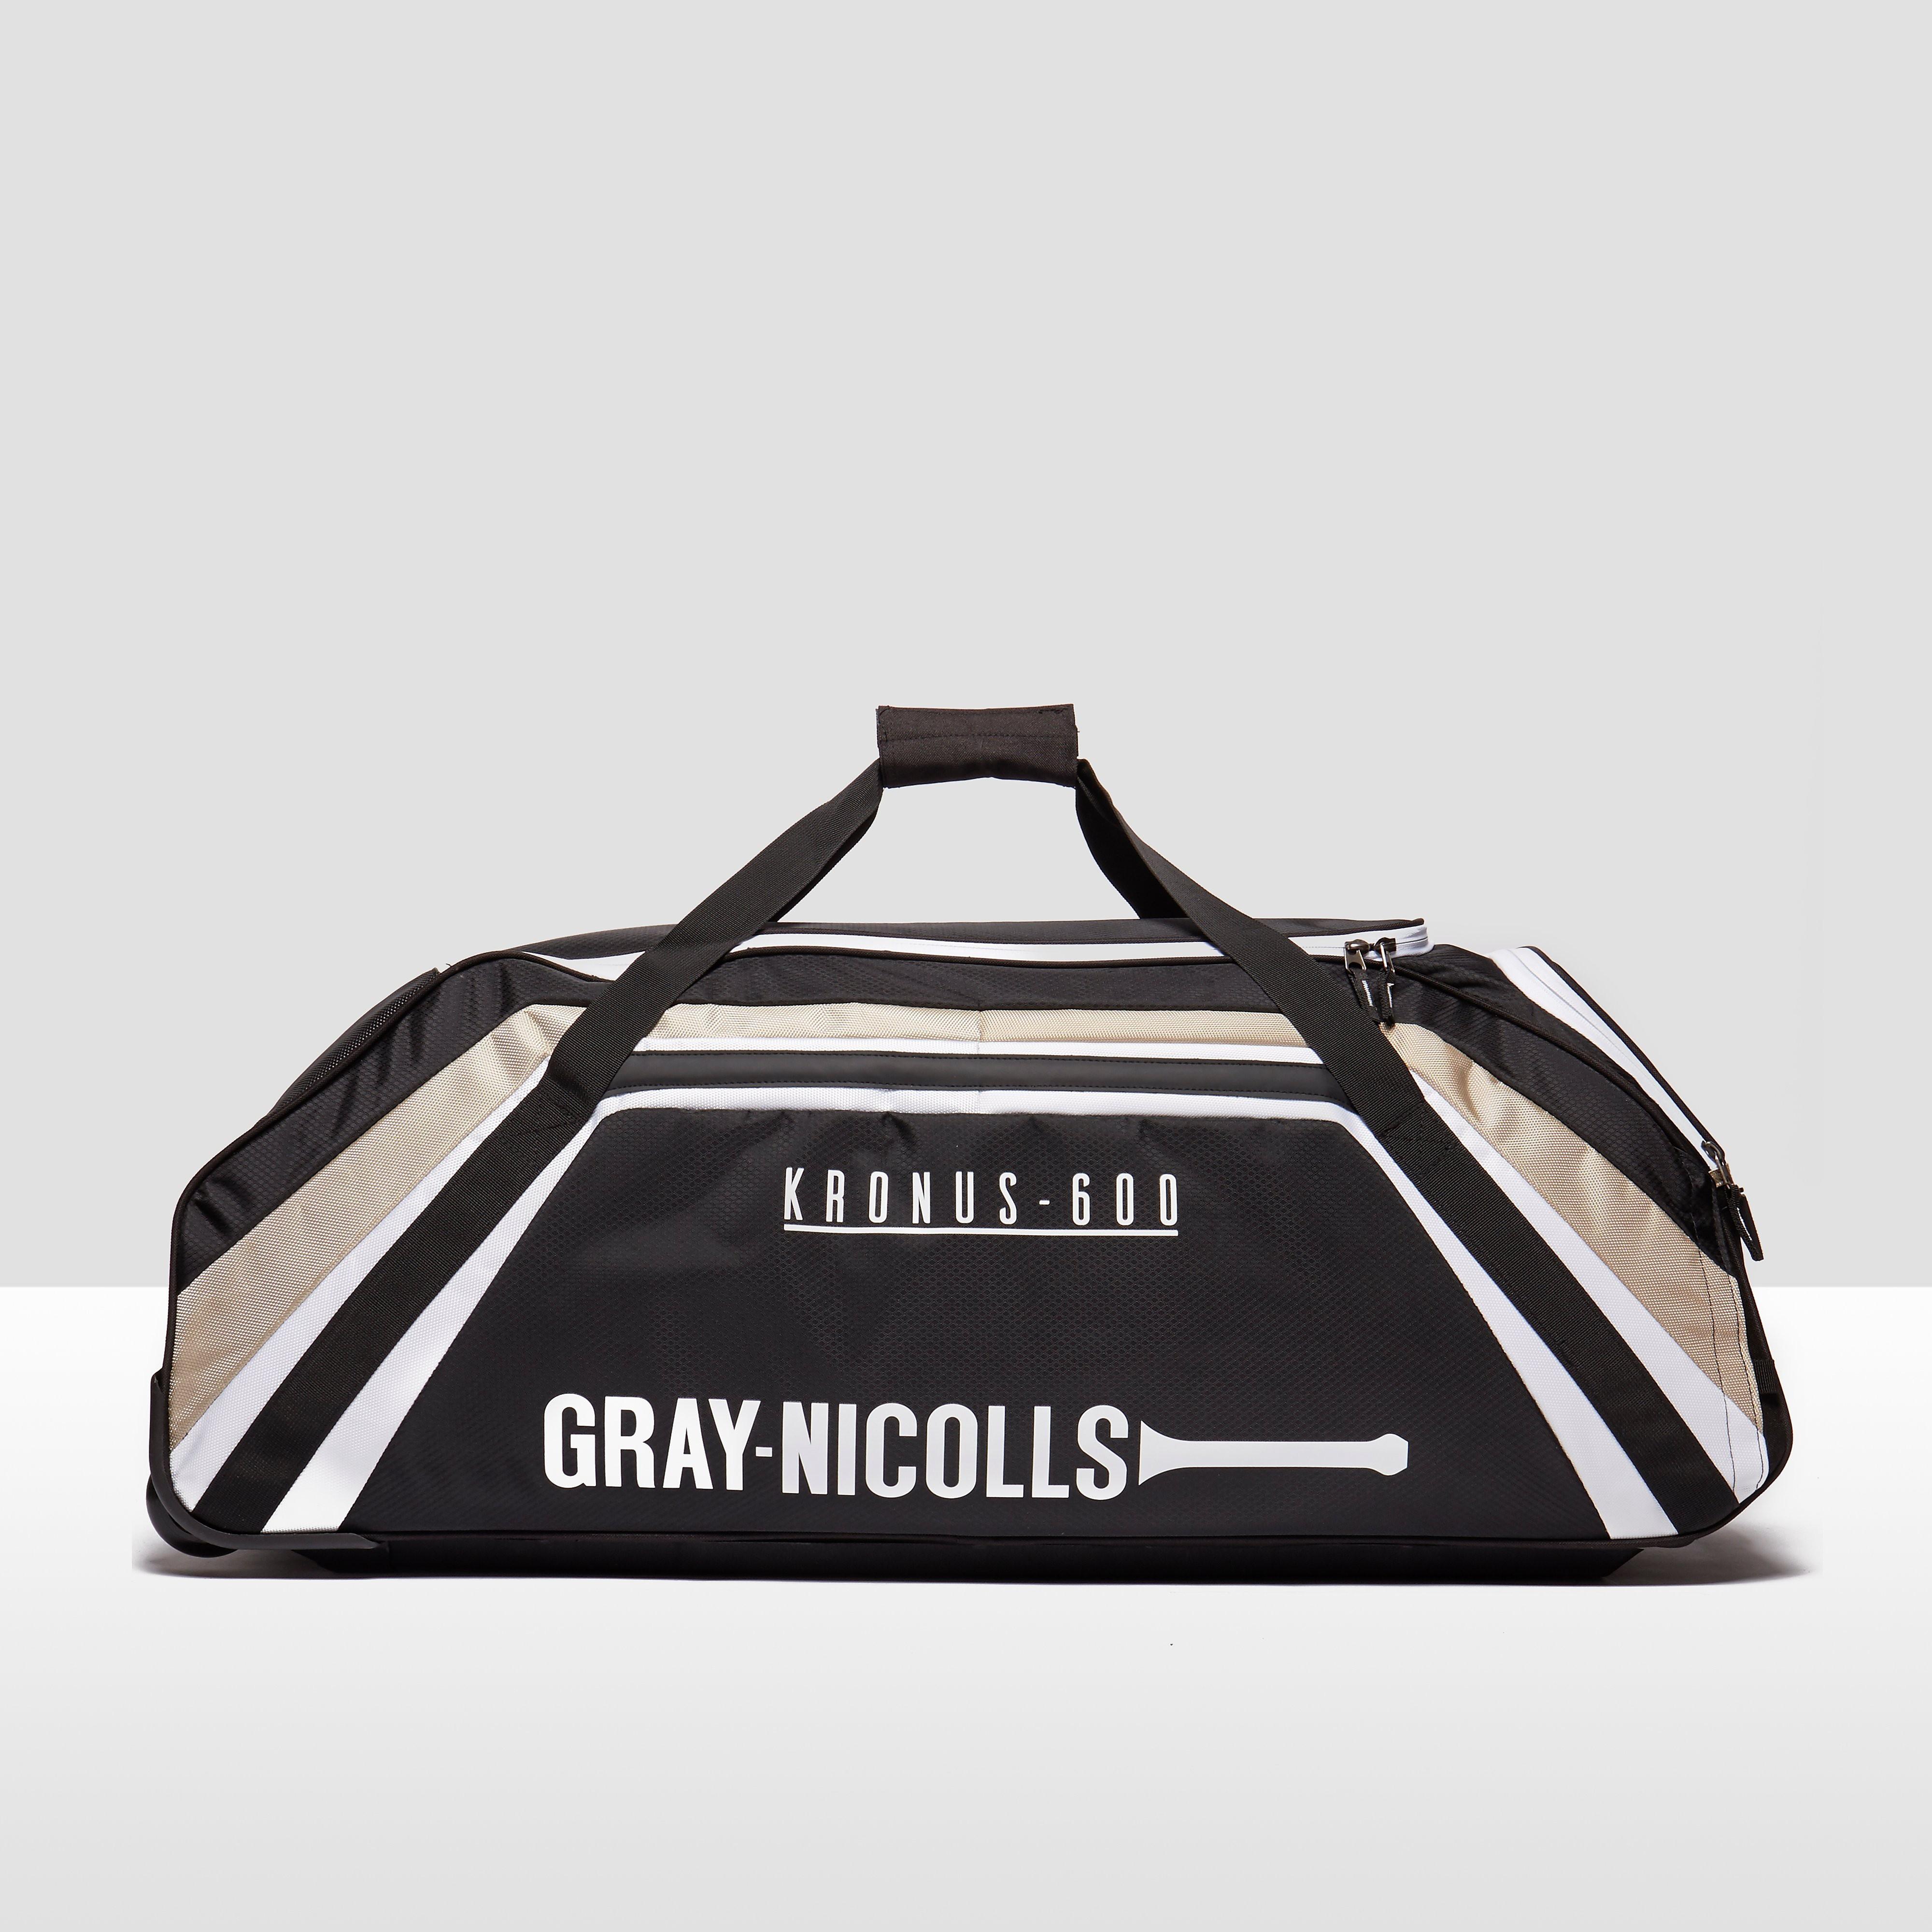 Gray Nicolls Kronus 600 Wheelie Bag